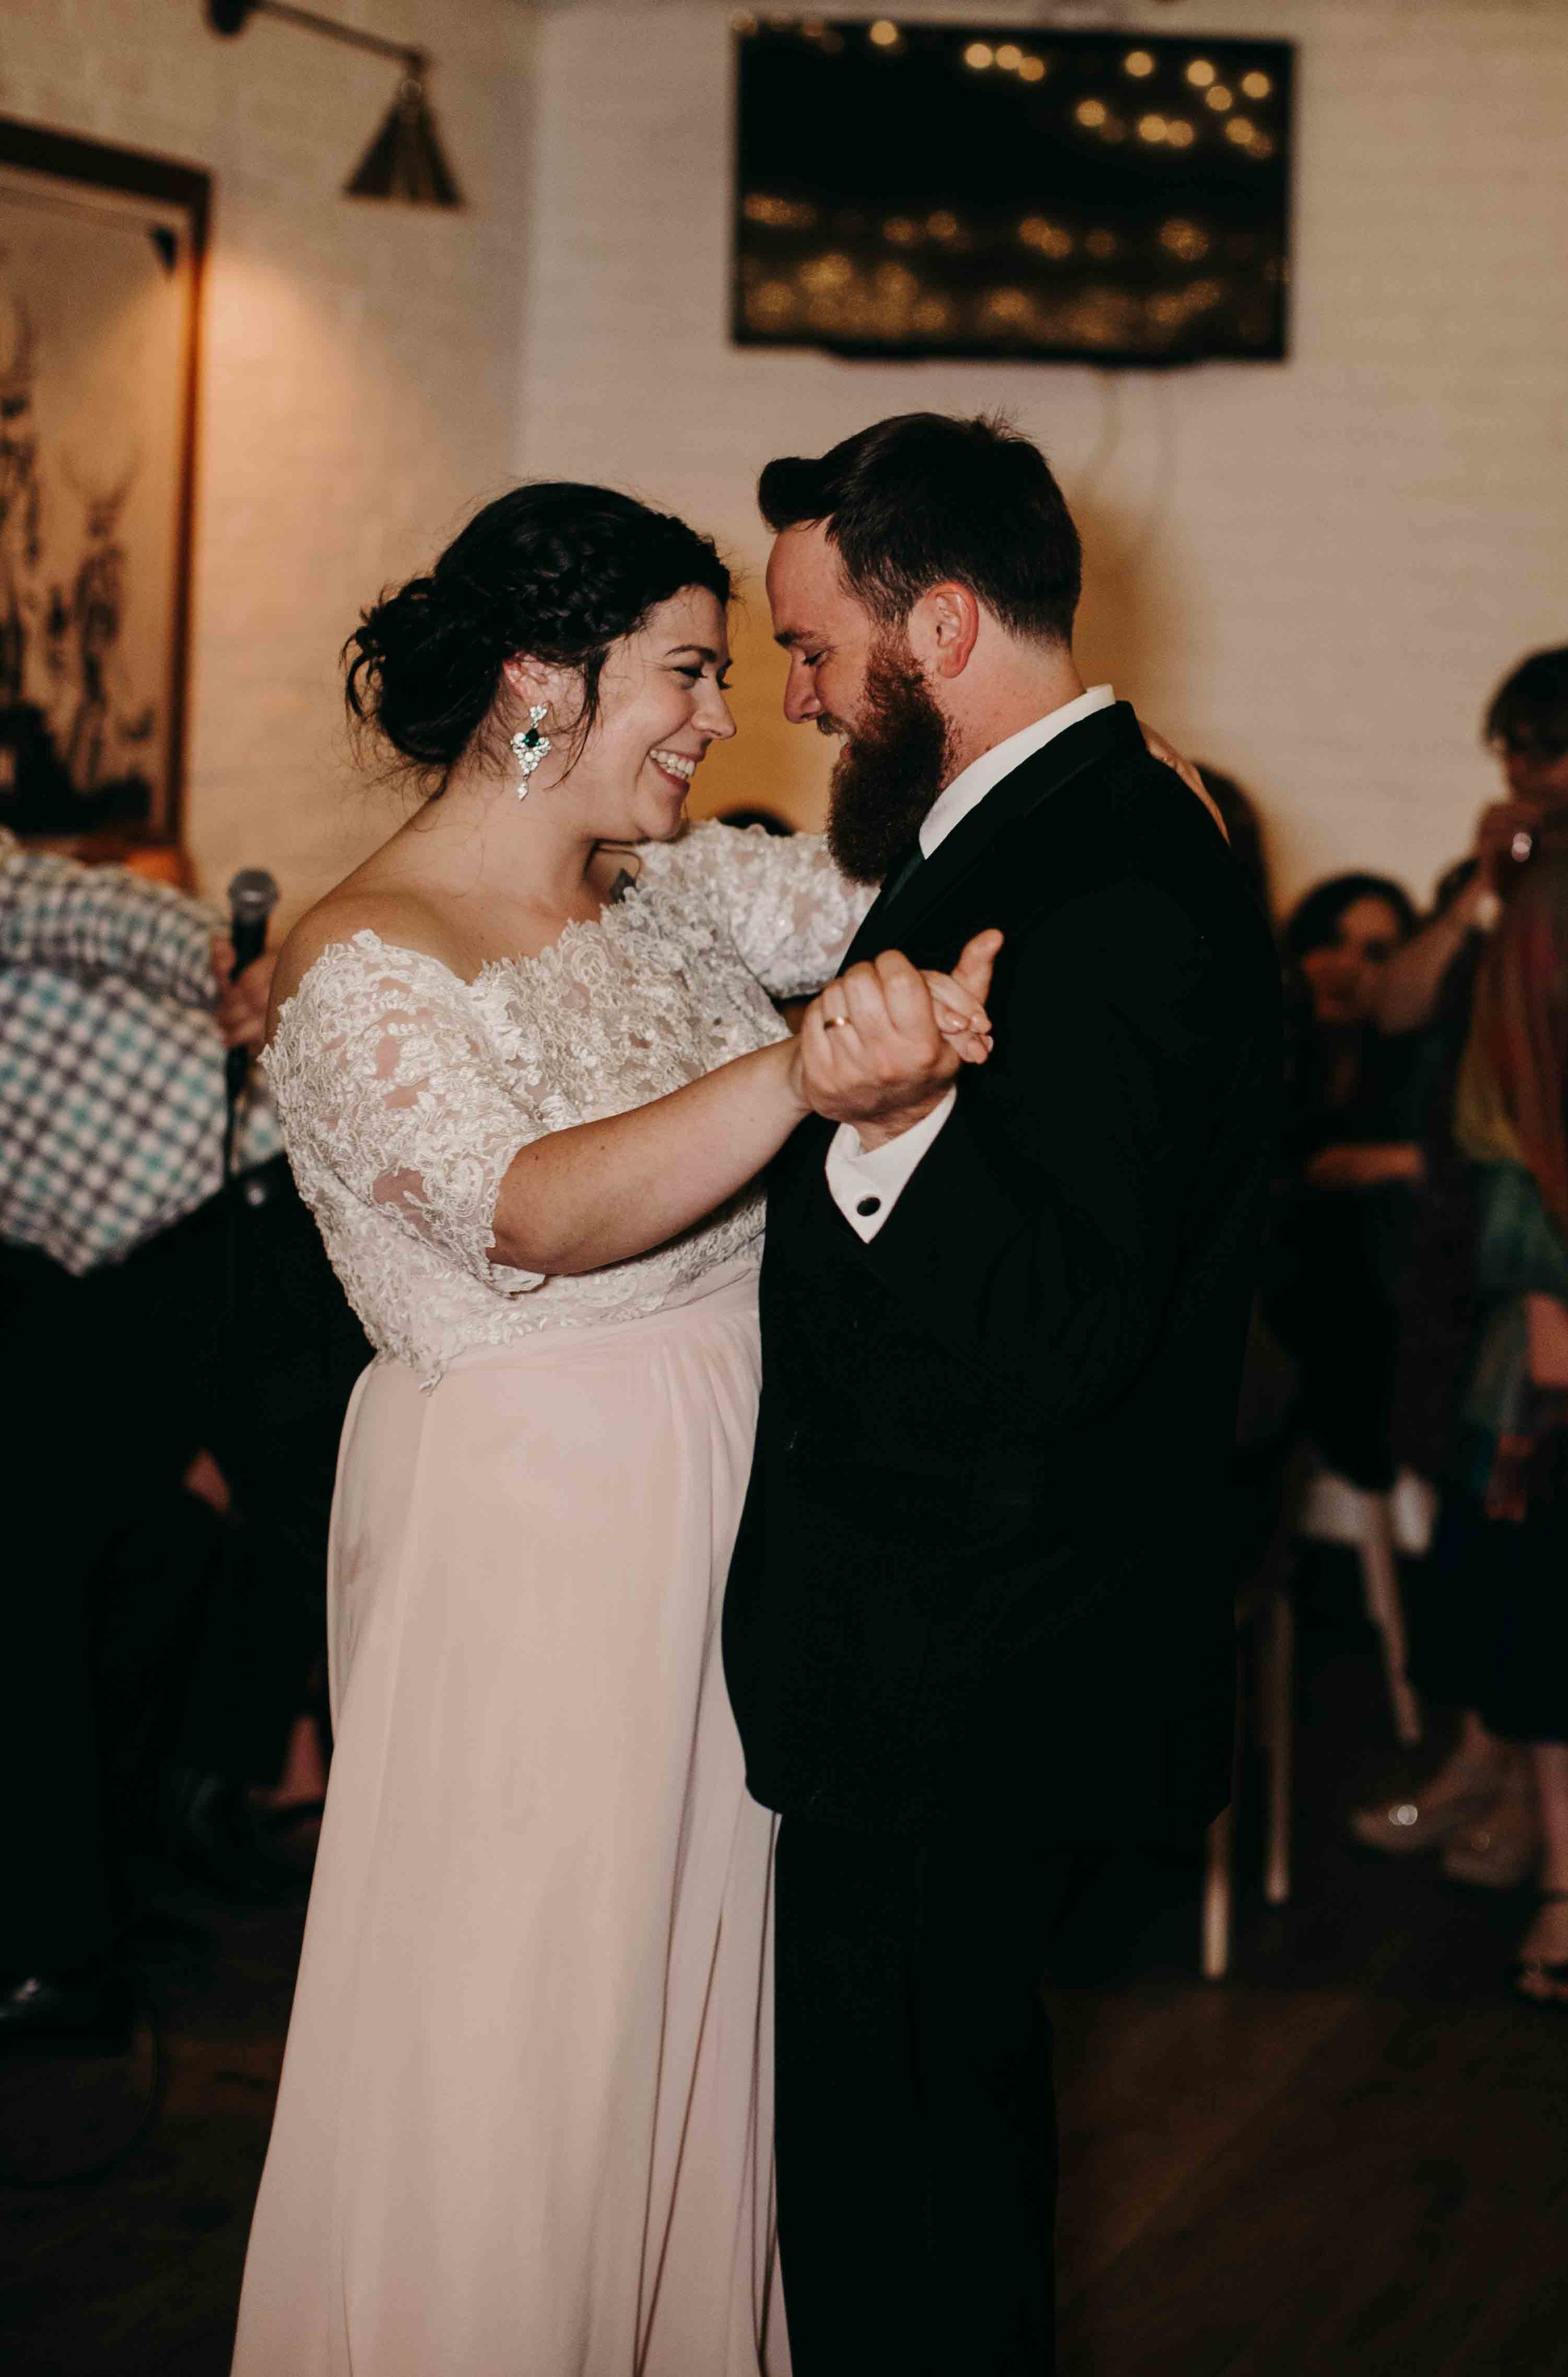 wedding day (29 of 37).jpg